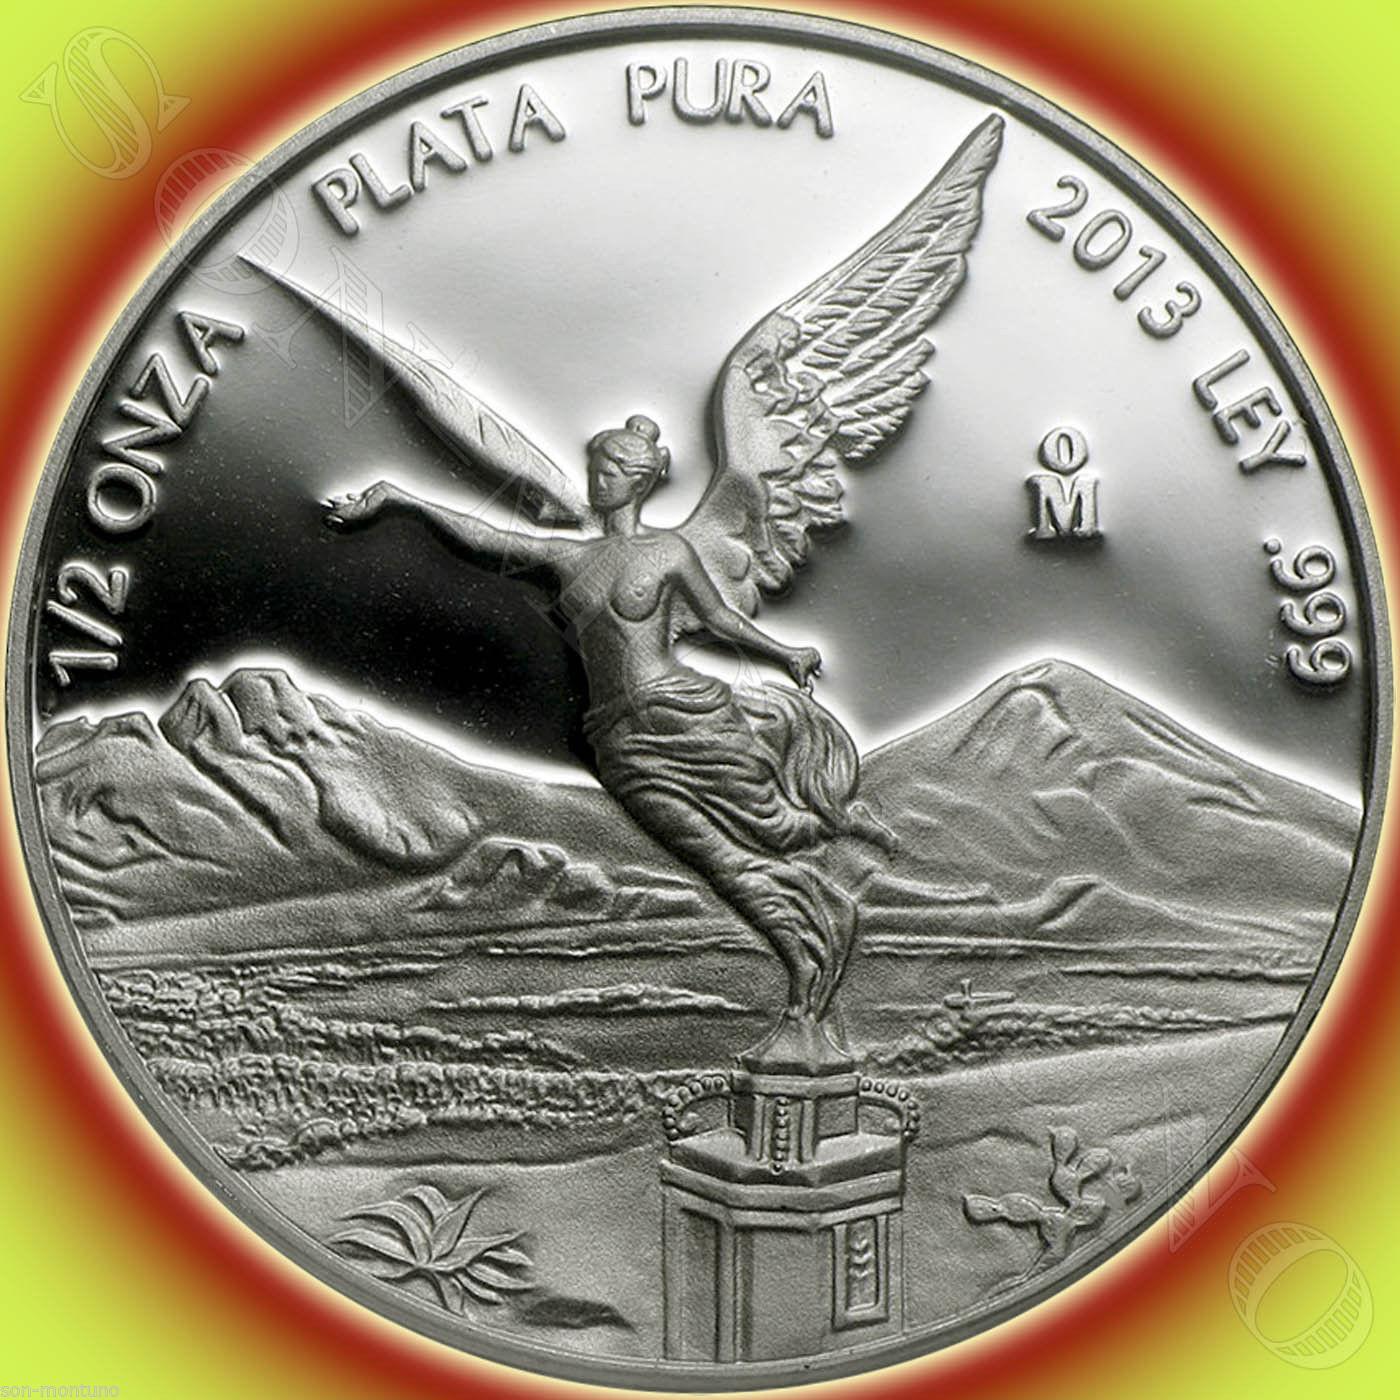 2015 Mexico 1//20 TWENTIETH OZ SILVER LIBERTAD PROOF Bullion Coin IN MINT CAPSULE